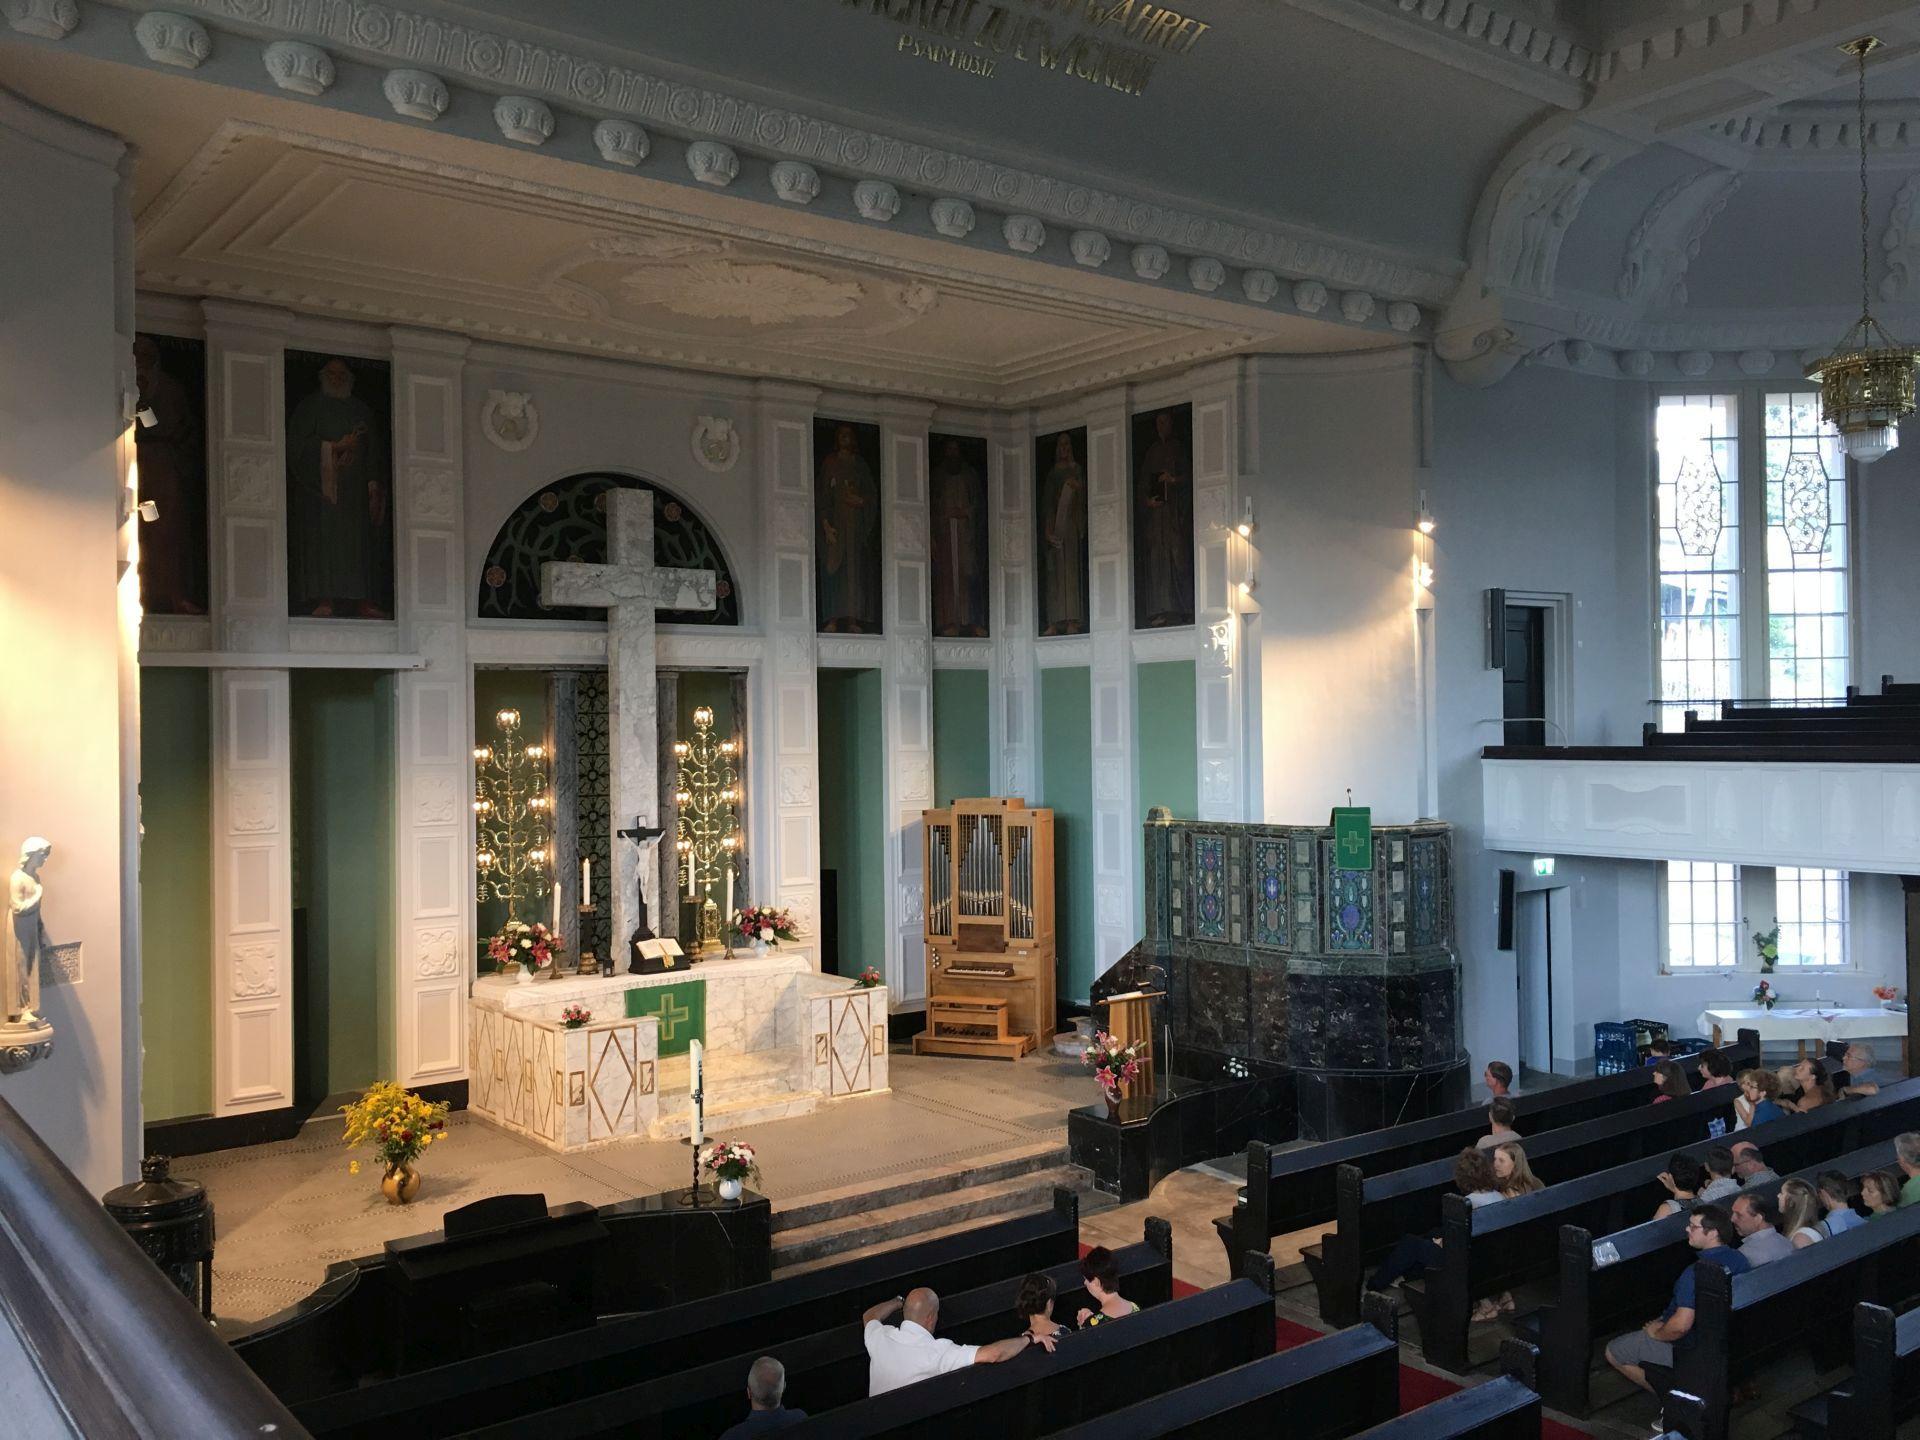 Friedenskirche aue zelle ueberarbeitung der holz und for Raumgestaltung aue